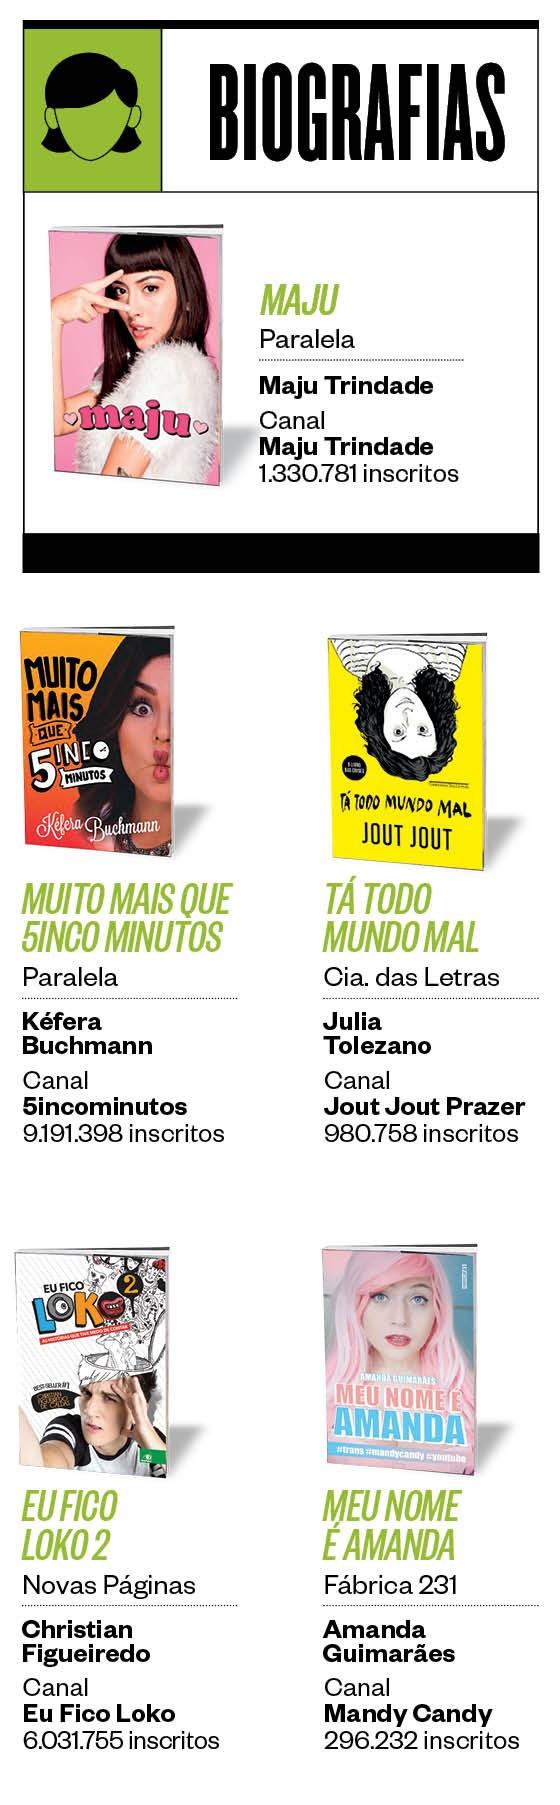 Biografias Arte 950 (Foto: ÉPOCA)